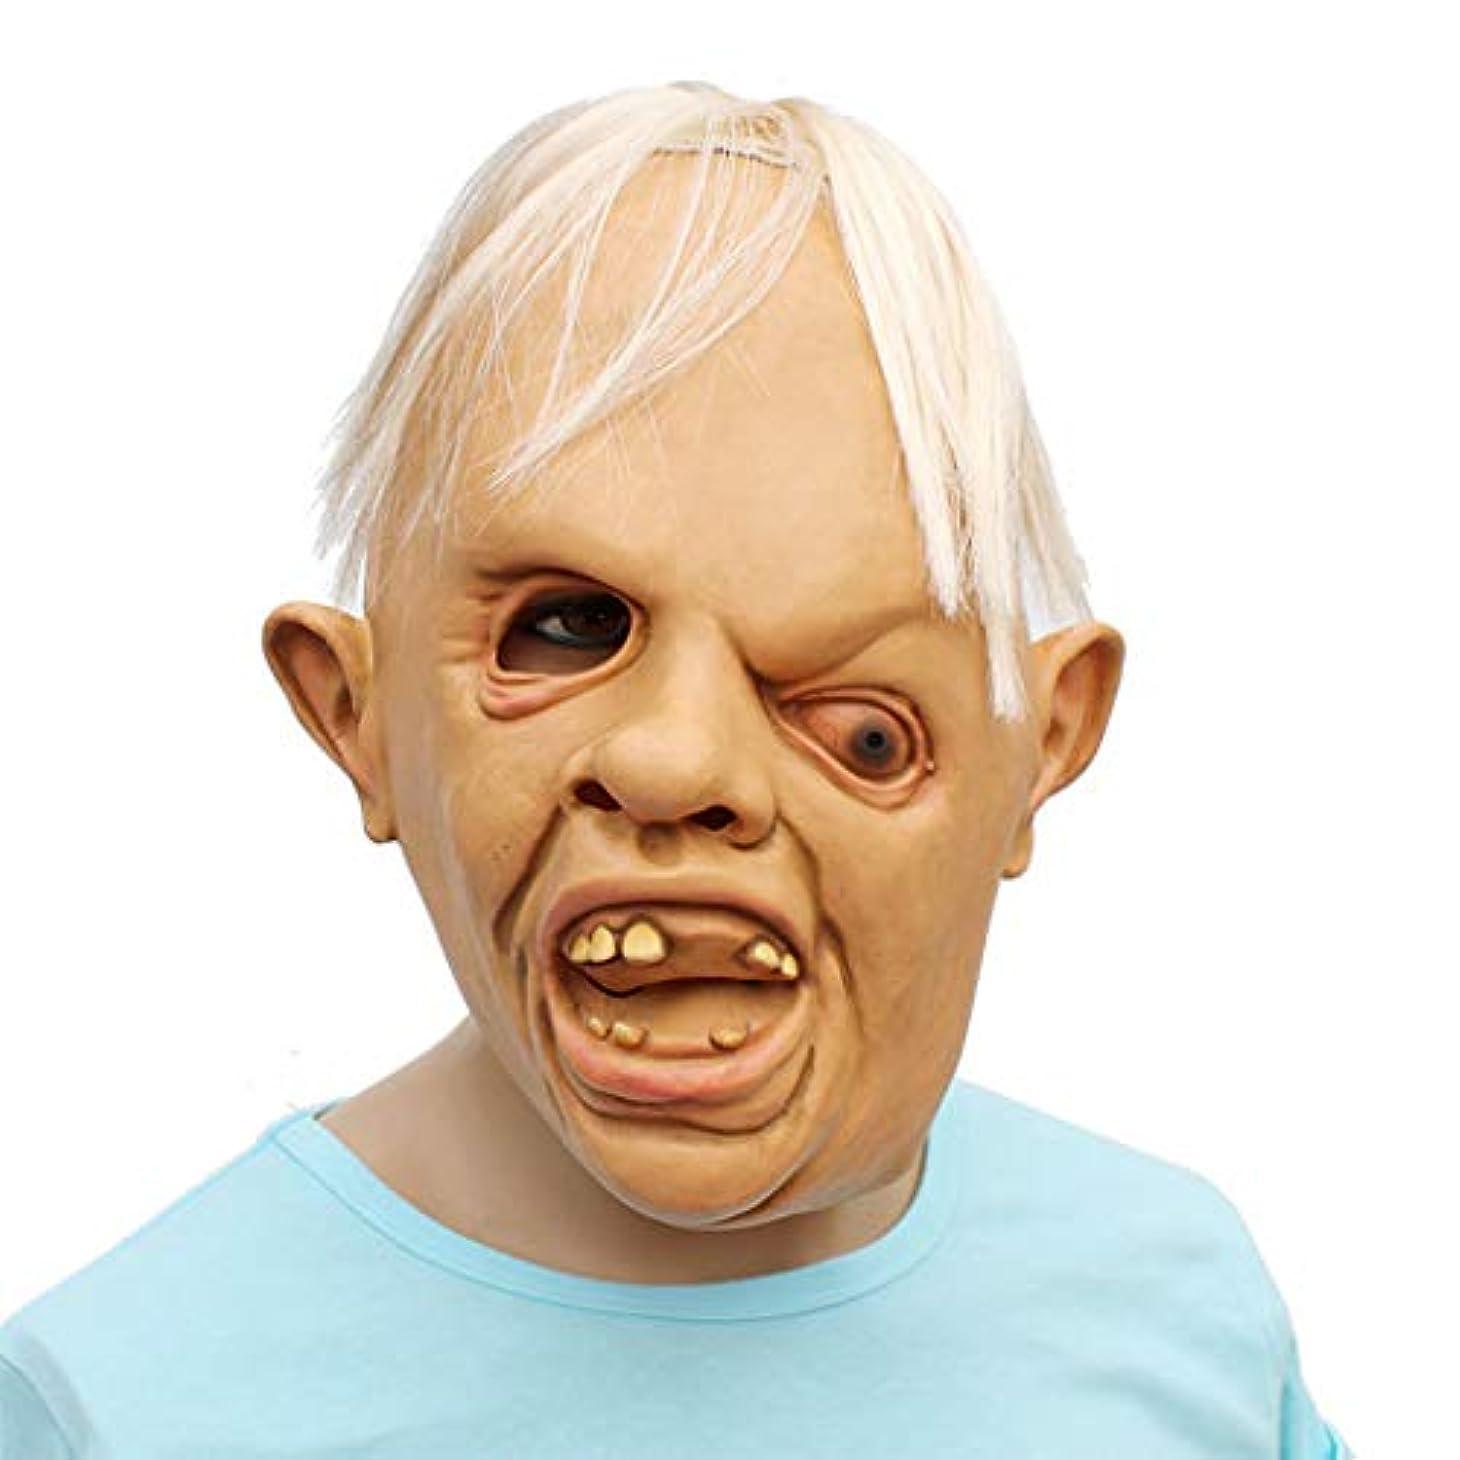 ハーフ影のあるインタビューハロウィーンマスク、ラテックスマスク、不気味な怖いLaいレイジーマスクハロウィーンパーティーの衣装の装飾